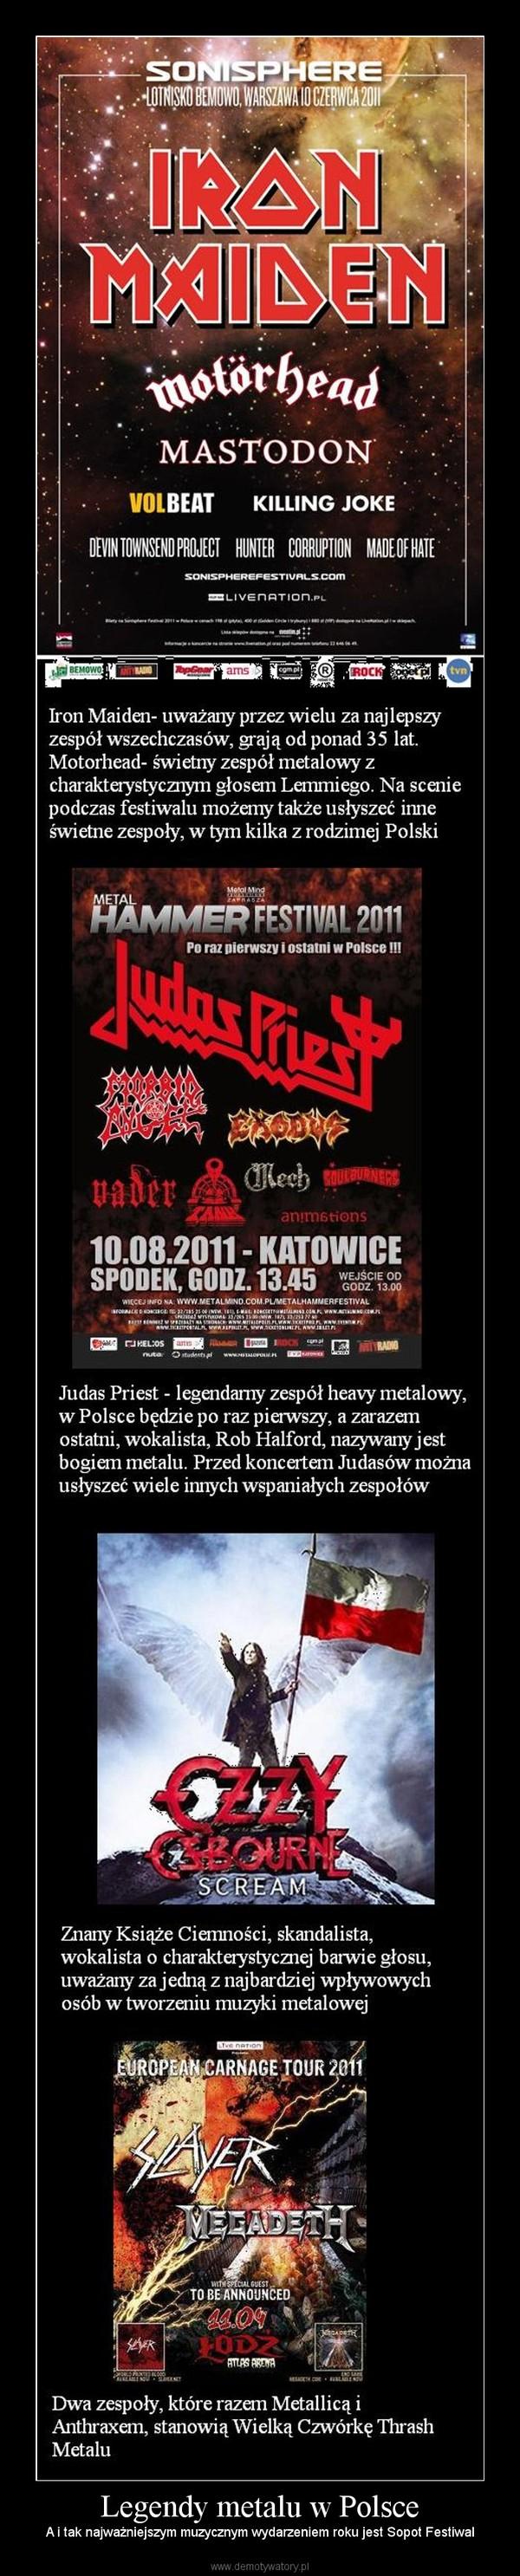 Legendy metalu w Polsce – A i tak najważniejszym muzycznym wydarzeniem roku jest Sopot Festiwal